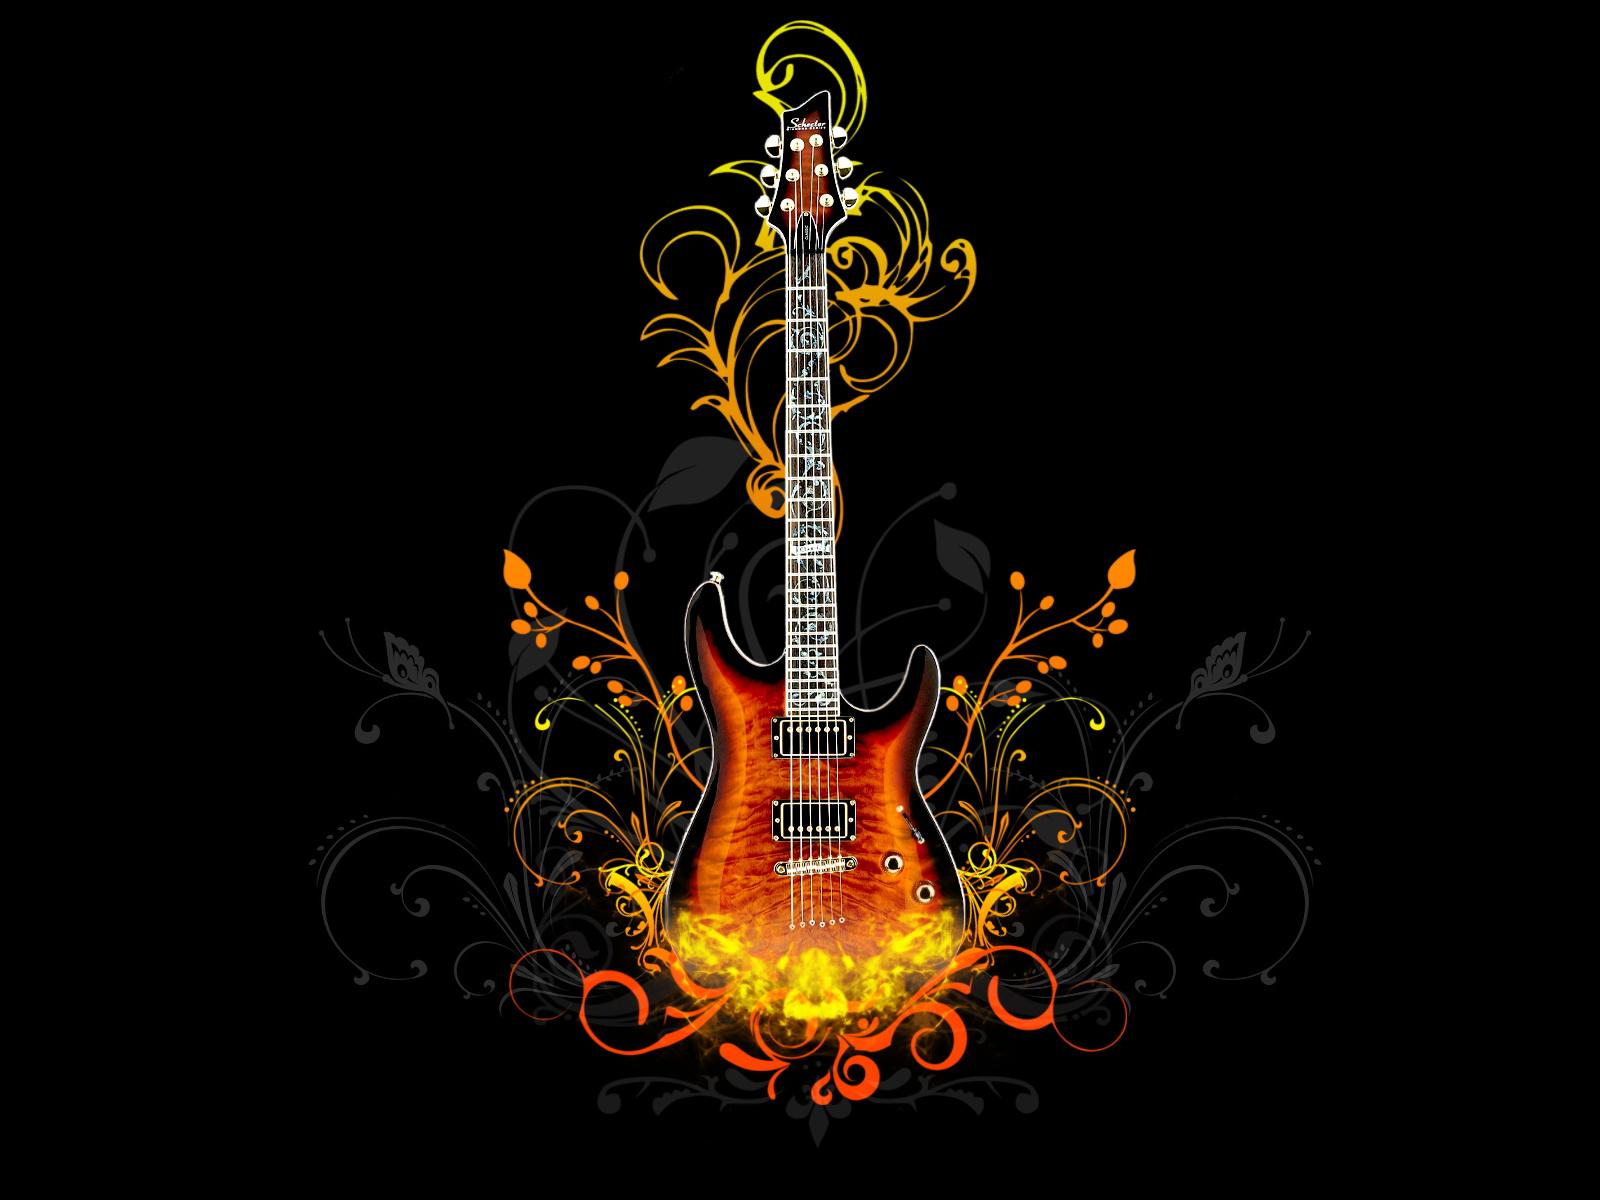 http://1.bp.blogspot.com/-YX5raVXIlRE/Tuu-L_bDoEI/AAAAAAAADYg/6clR01_xZUE/s1600/Music+Guitar.jpg